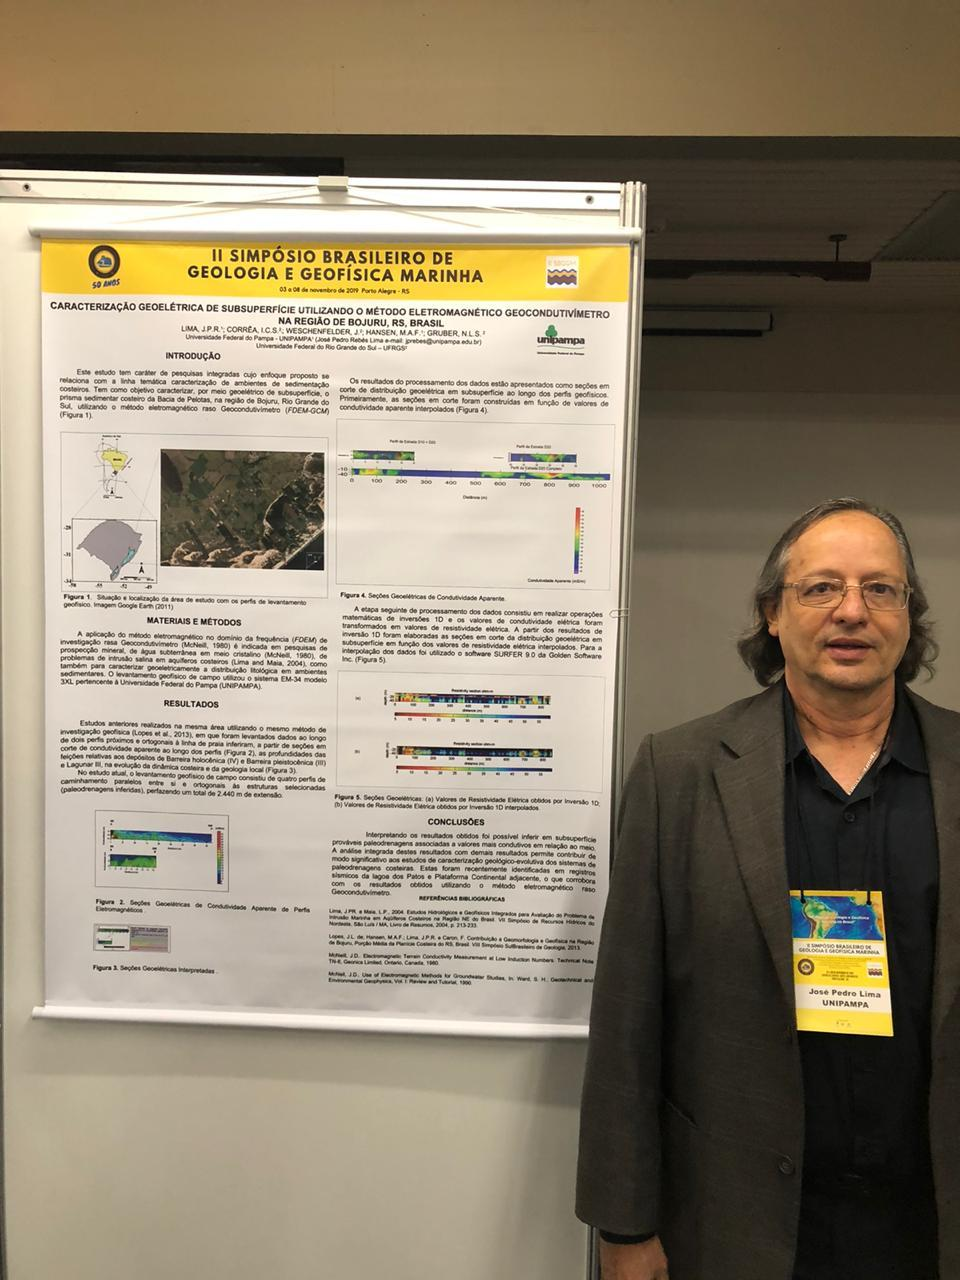 Professor Rebés e banner de apresentação de trabalho no II Simpósio Brasileiro de Geologia e Geofísica Marinha.